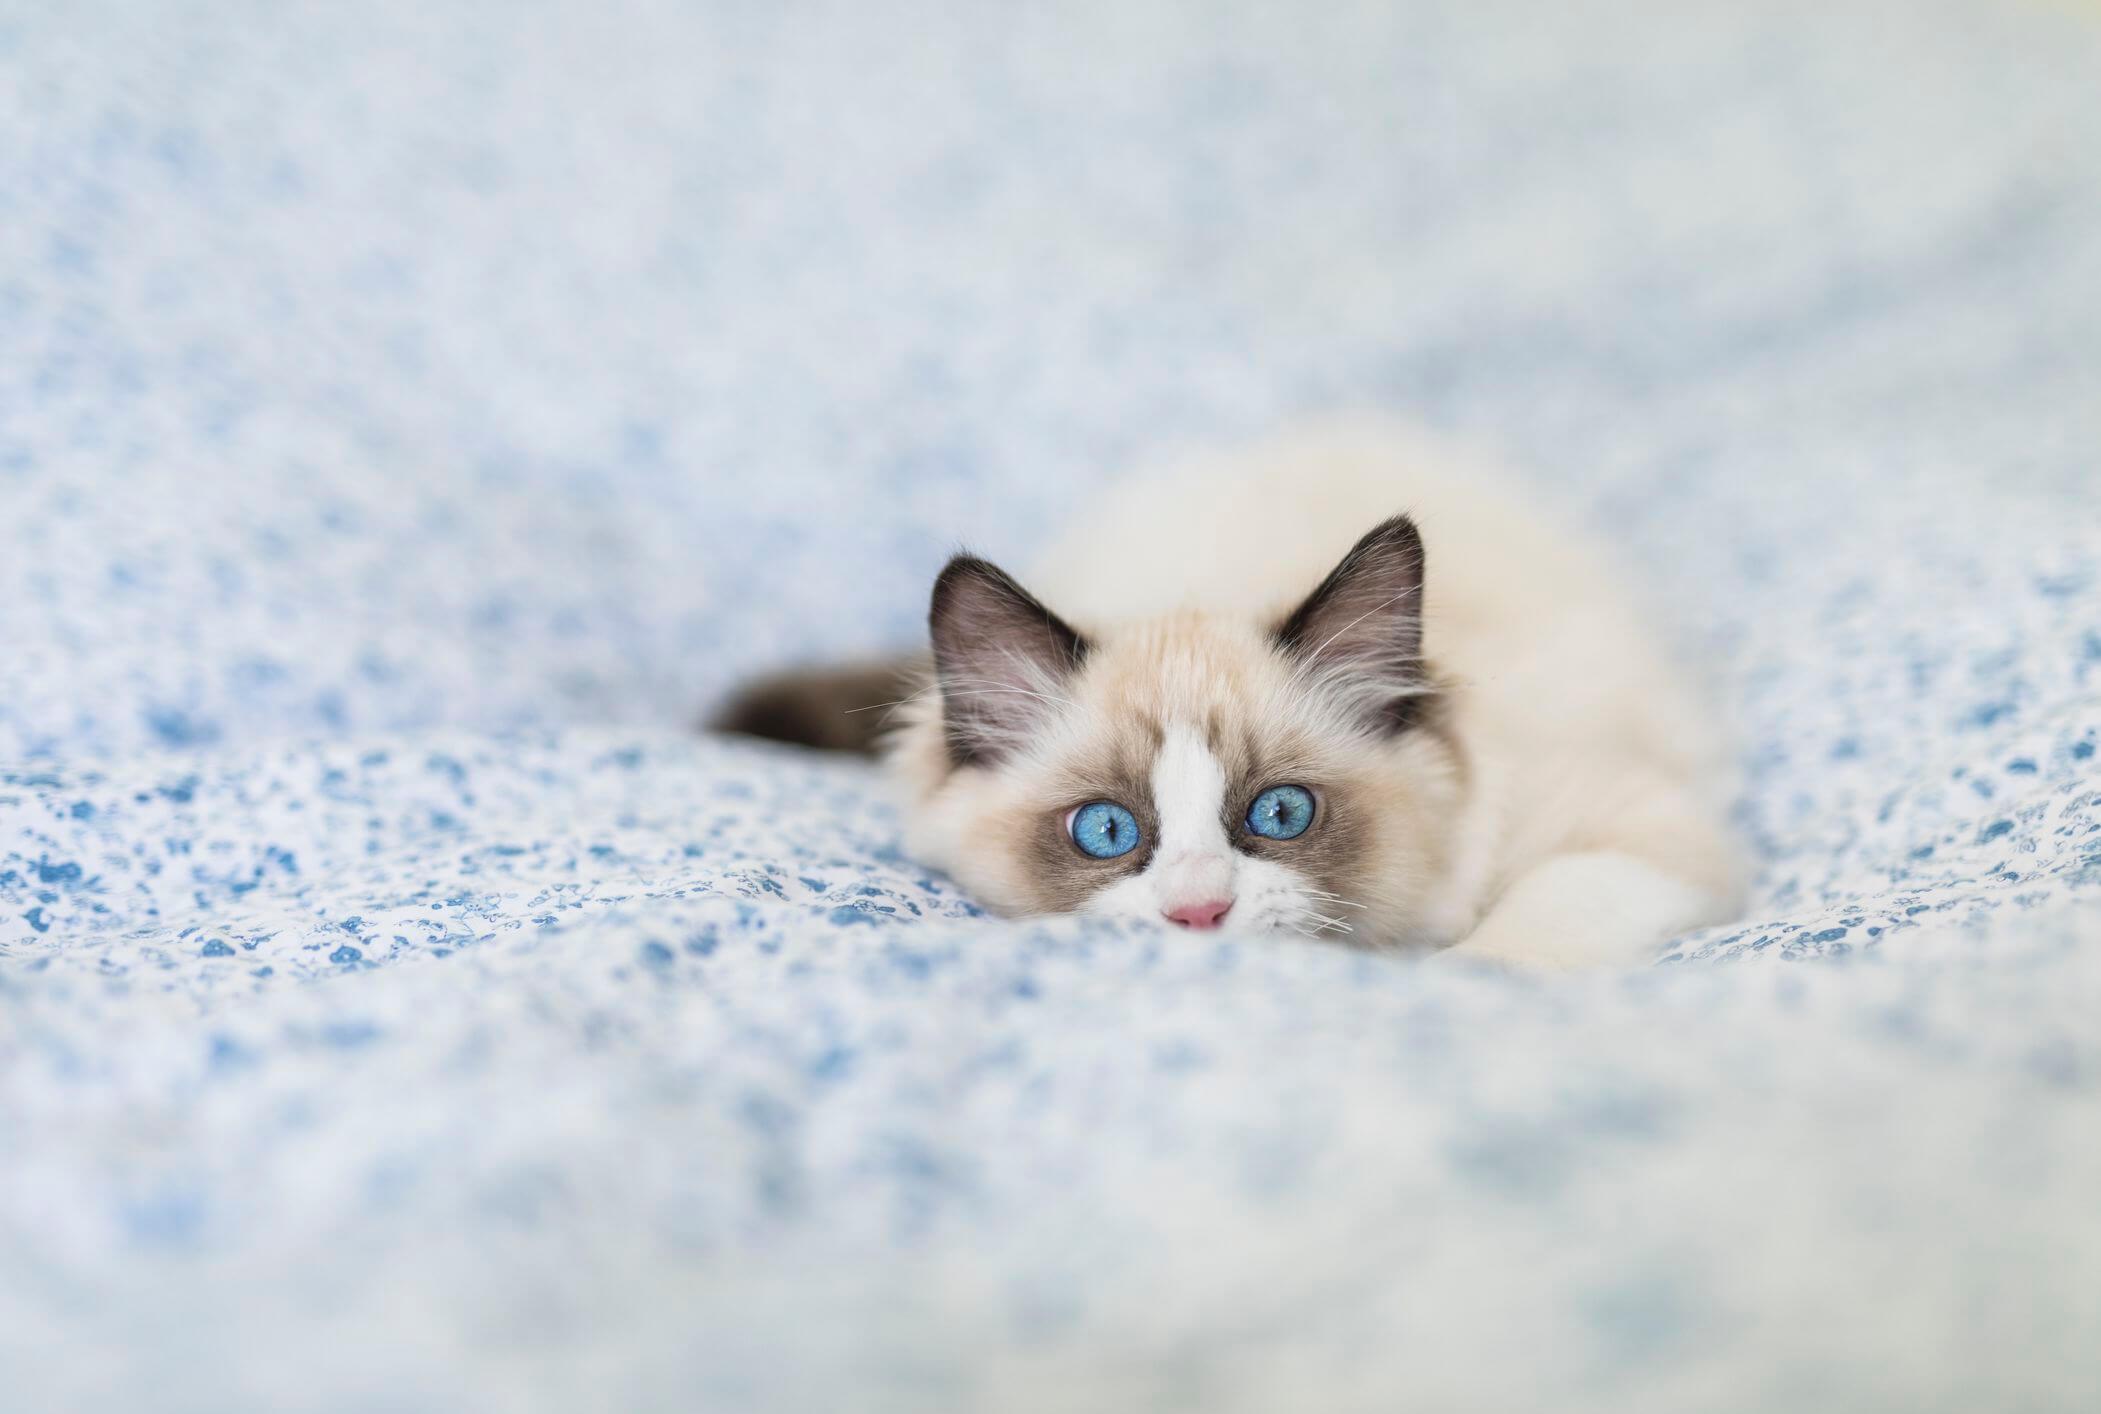 awal kelahiran kucing ragdoll warna putih